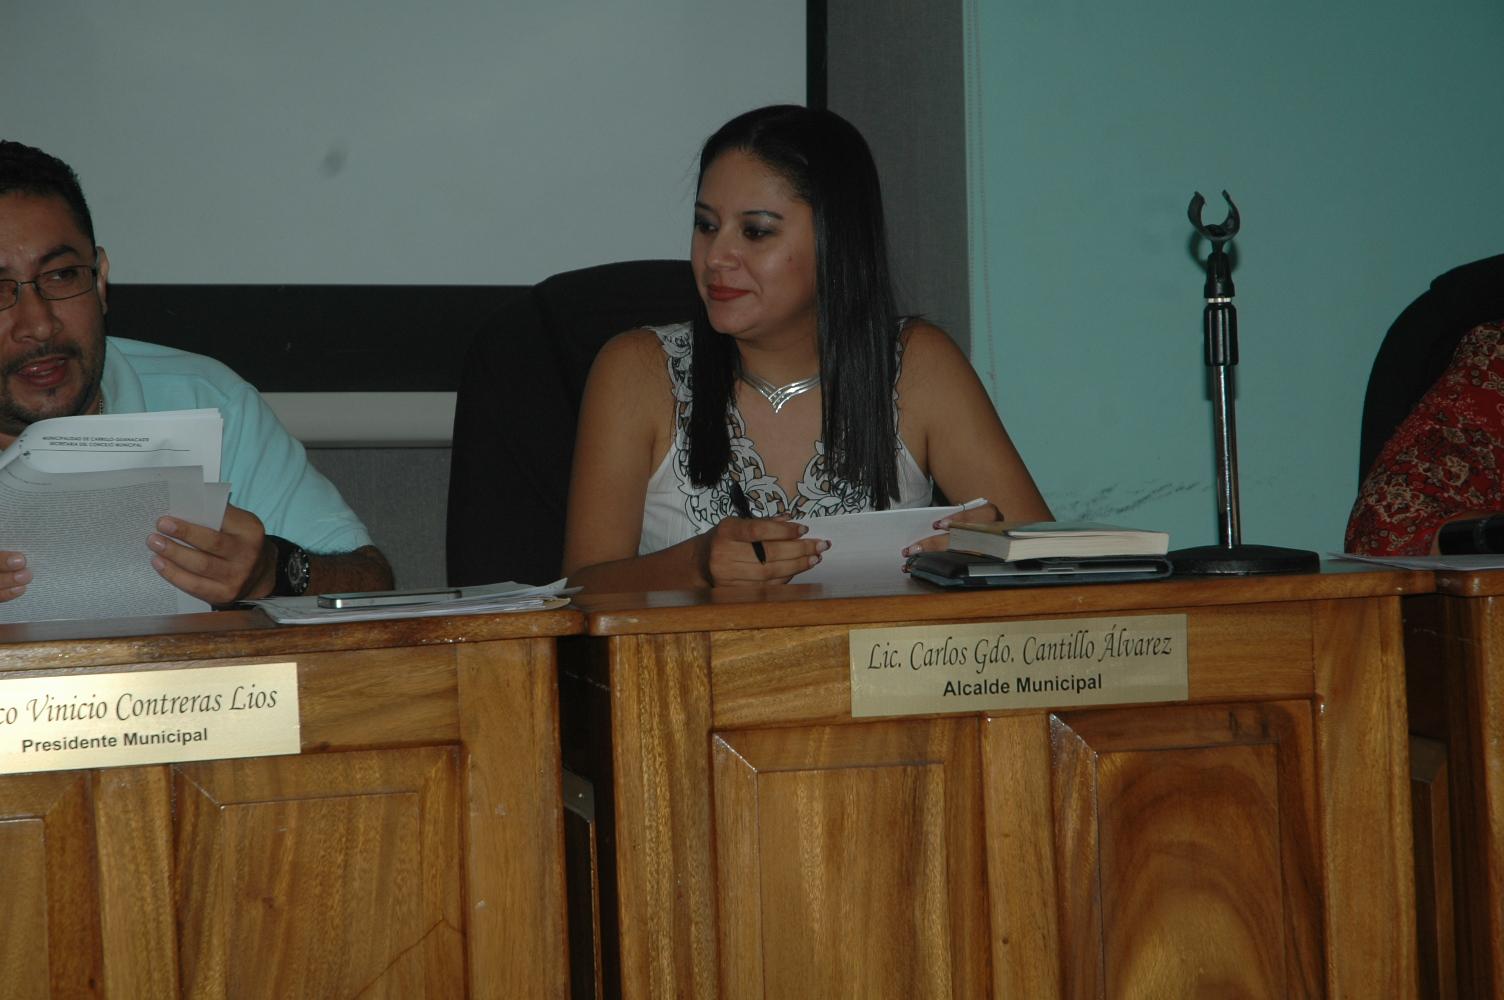 Reconocido ambientalista de Filadelfia enfrentará Juicio, por denunciar irregularidad en la Municipalidad de Carrillo